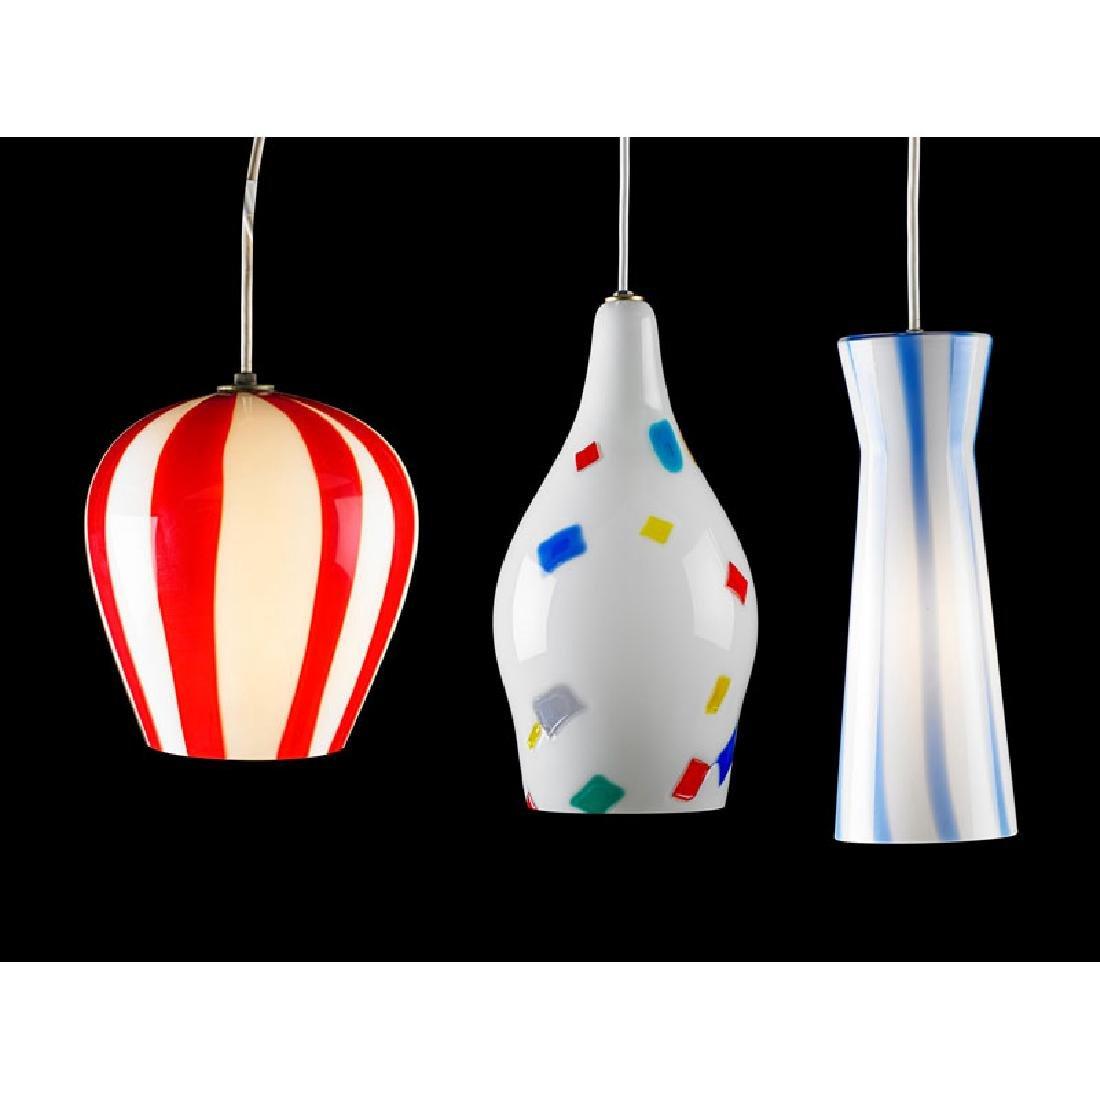 MASSIMO VIGNELLI; VENINI Three glass pendant lamps